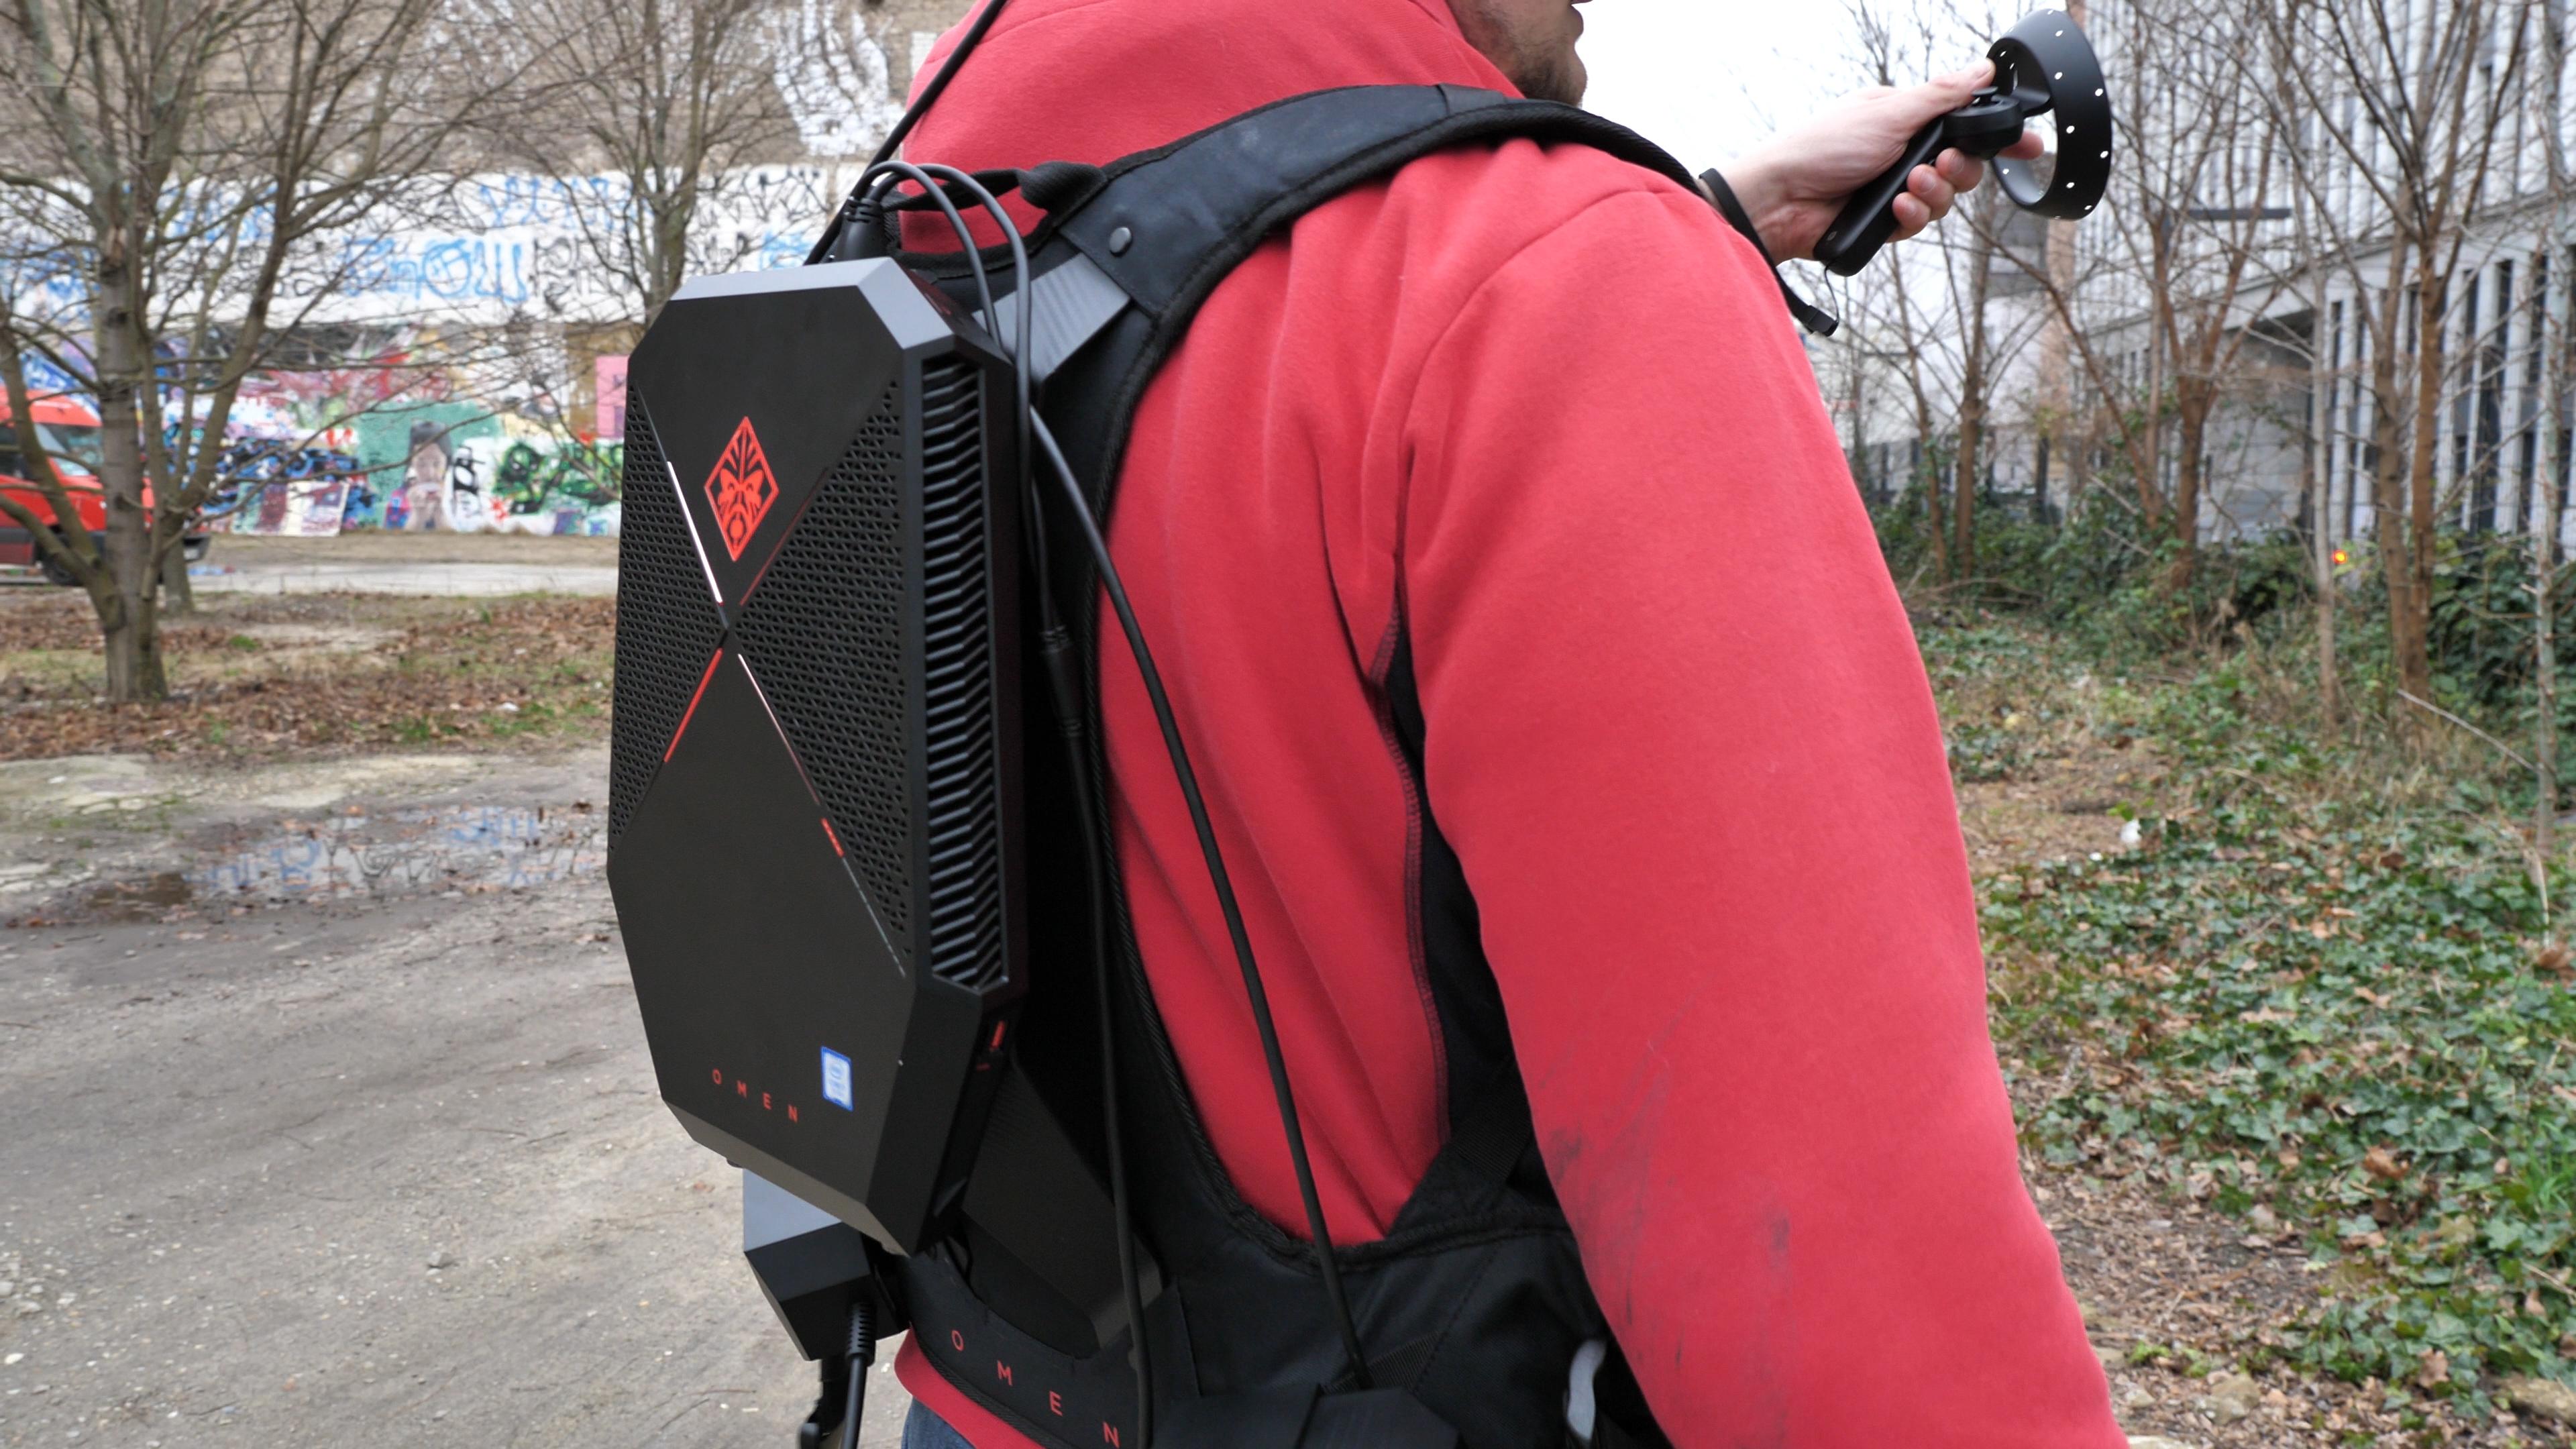 HP Omen X VR im Test: VR auf dem Rücken kann nur teils entzücken - Der Rucksack-PC ist sehr komfortabel.  (Bild: Martin Wolf/Golem.de)